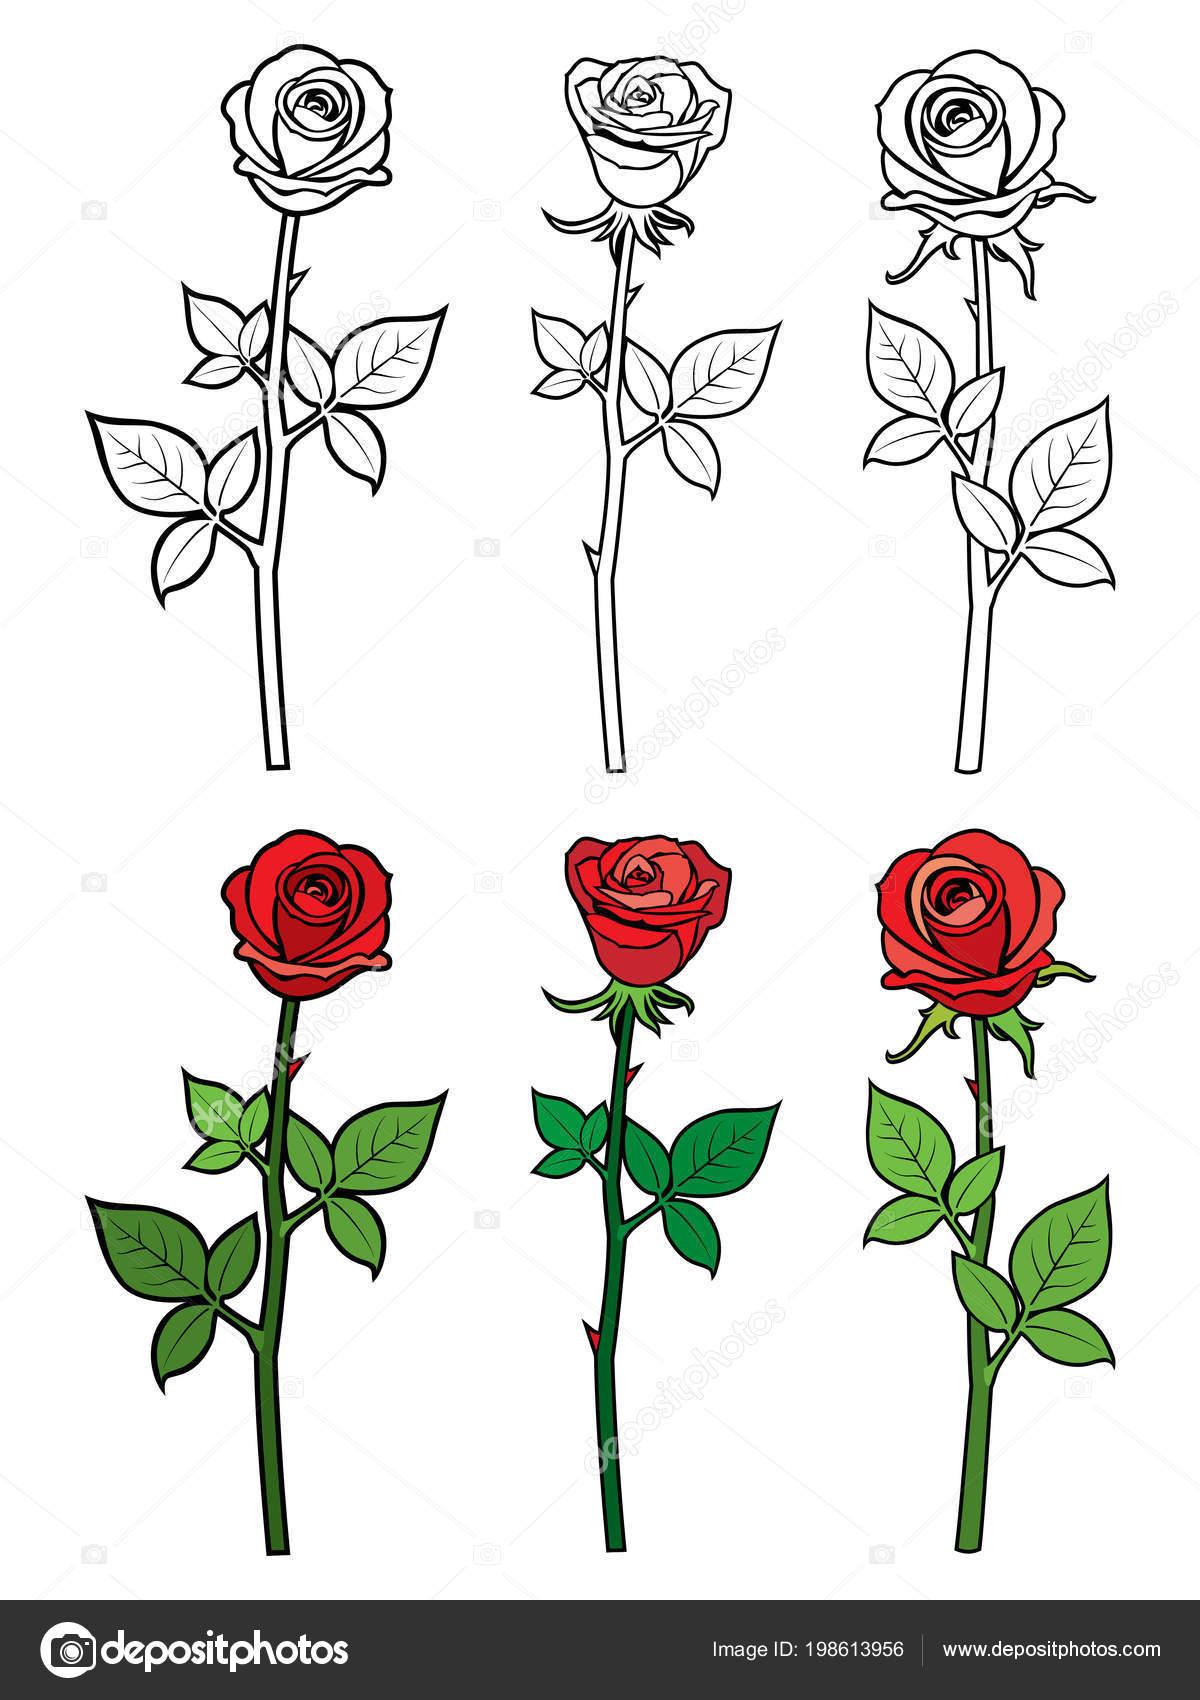 Rosas Rojas Para Colorear Mano Dibujar El Esquema Y Rosas Rojas